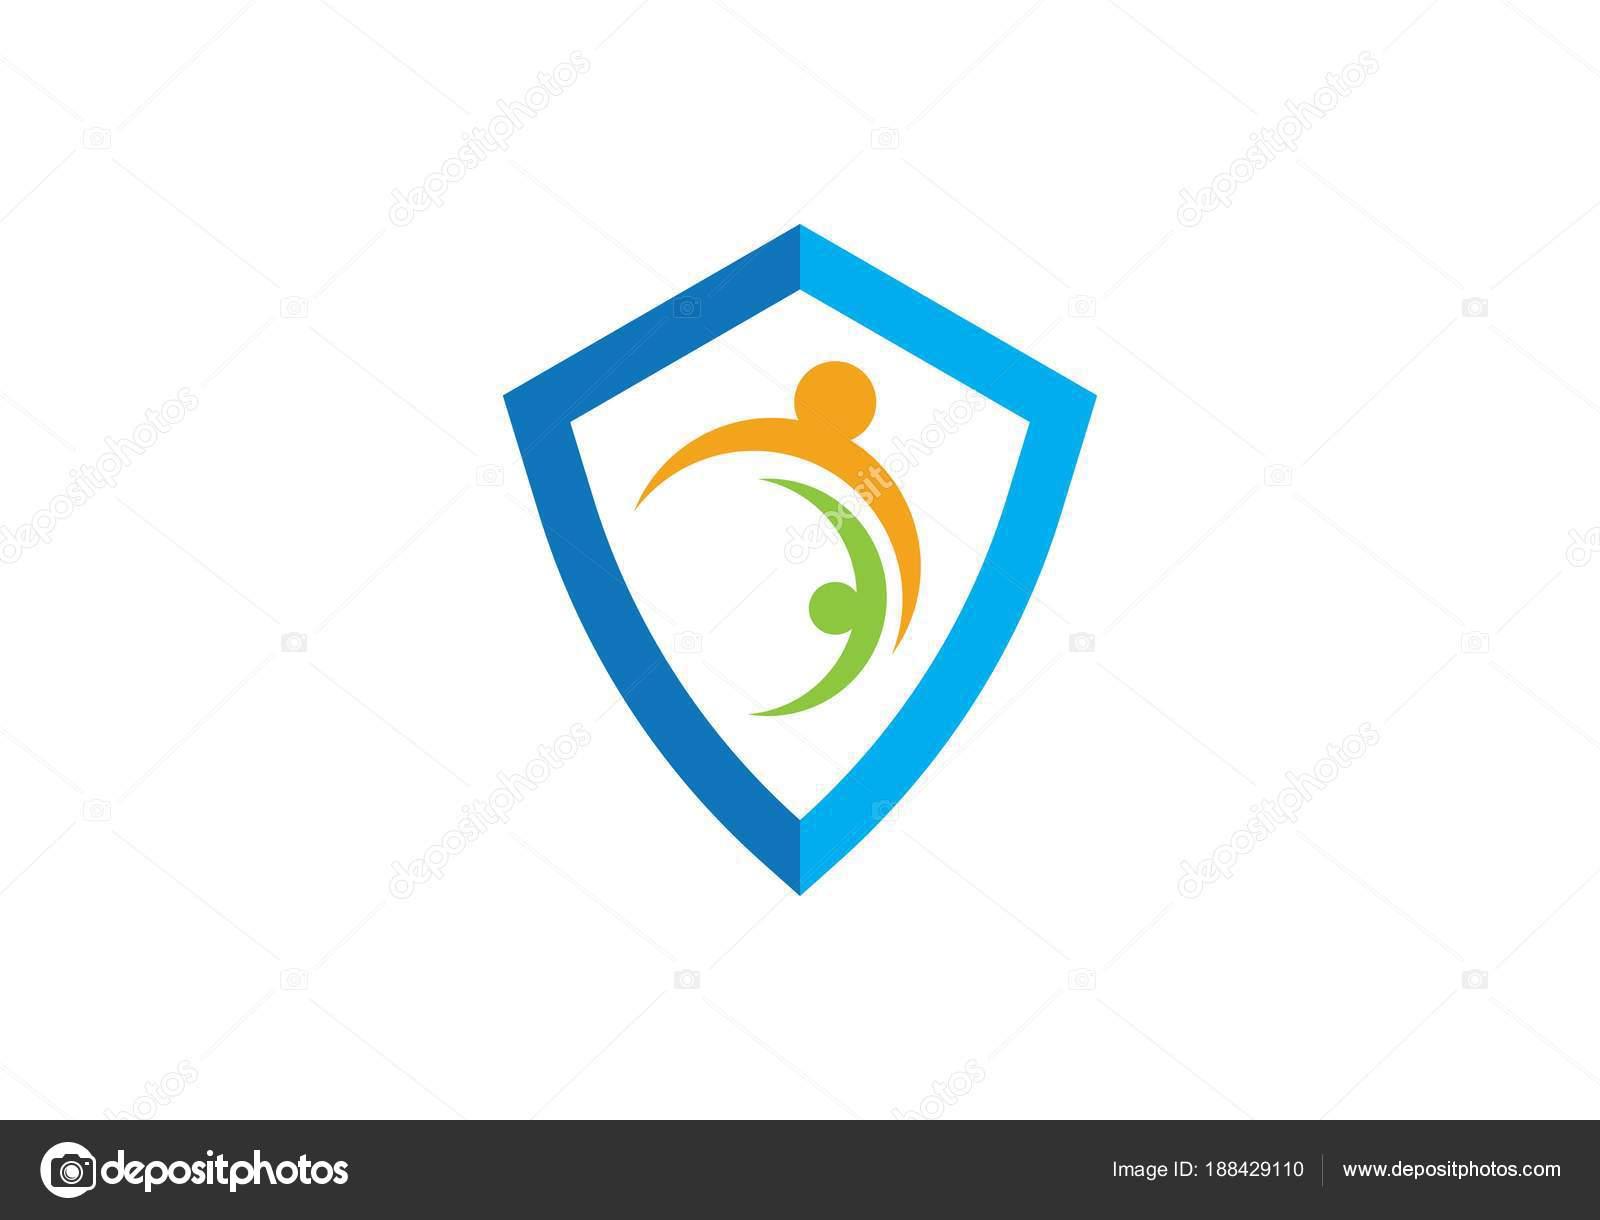 Shield logo template — Stock Vector © elaelo #188429110